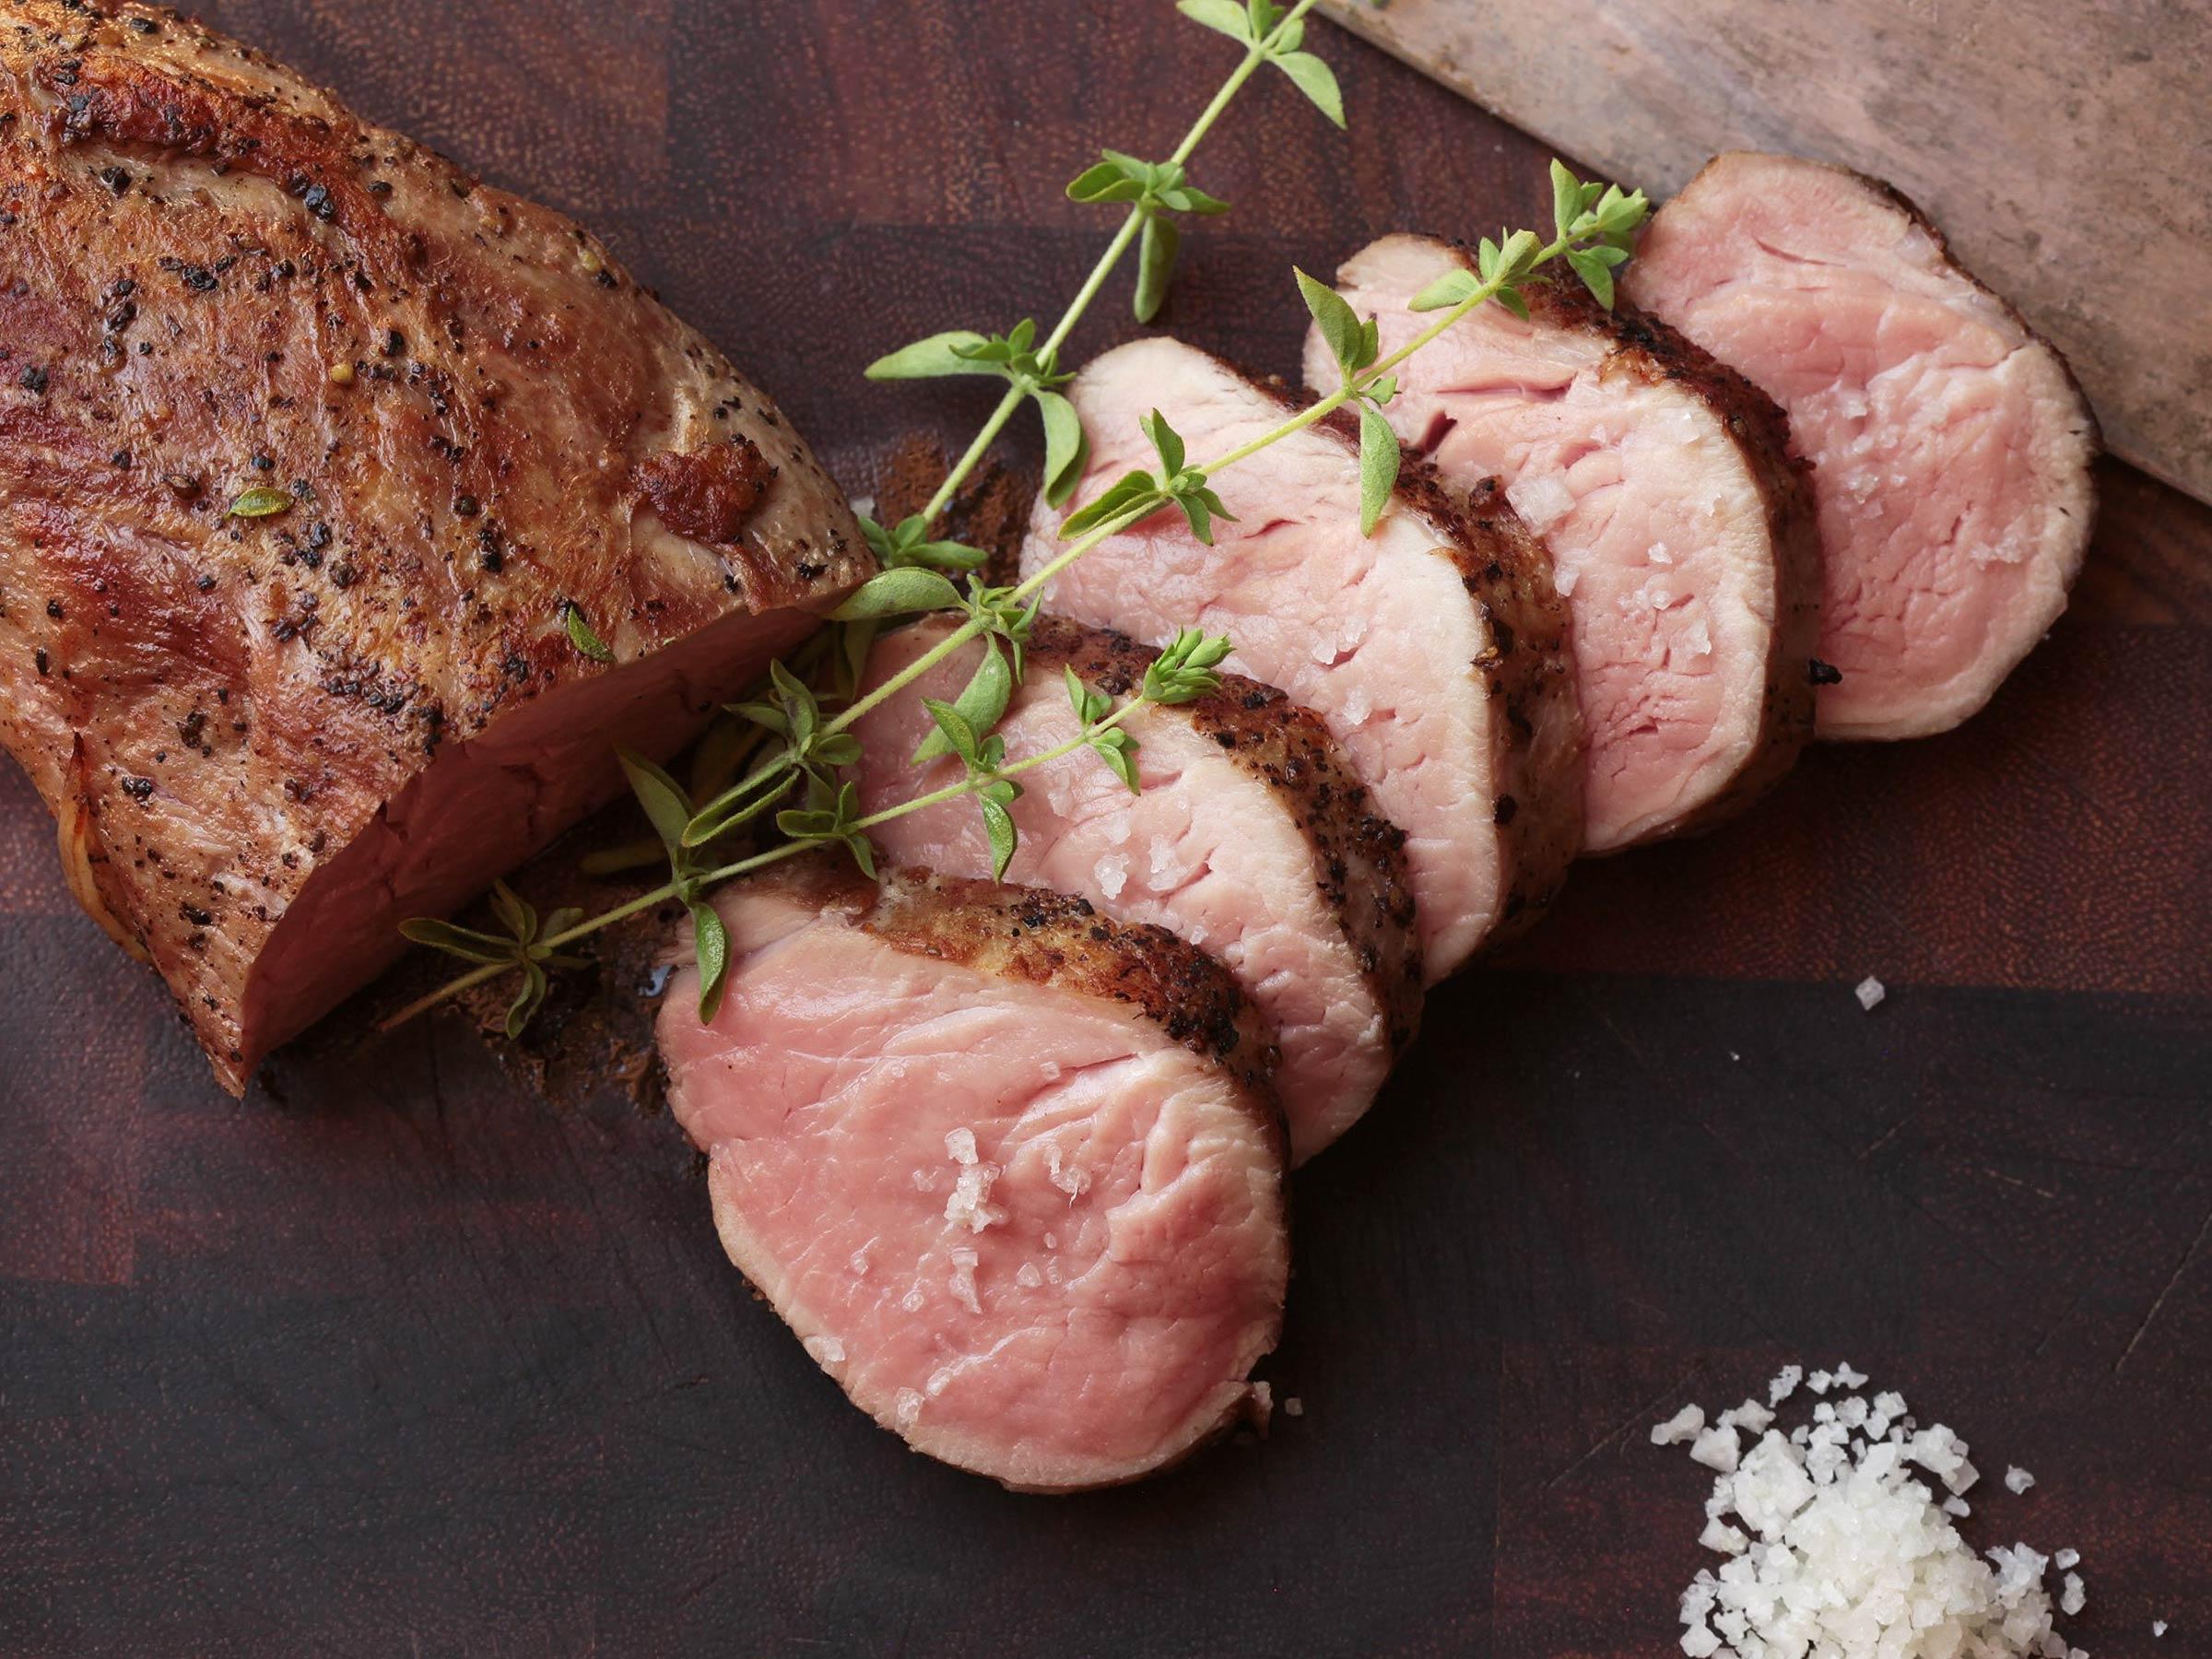 instant pot sous vide steak instructions